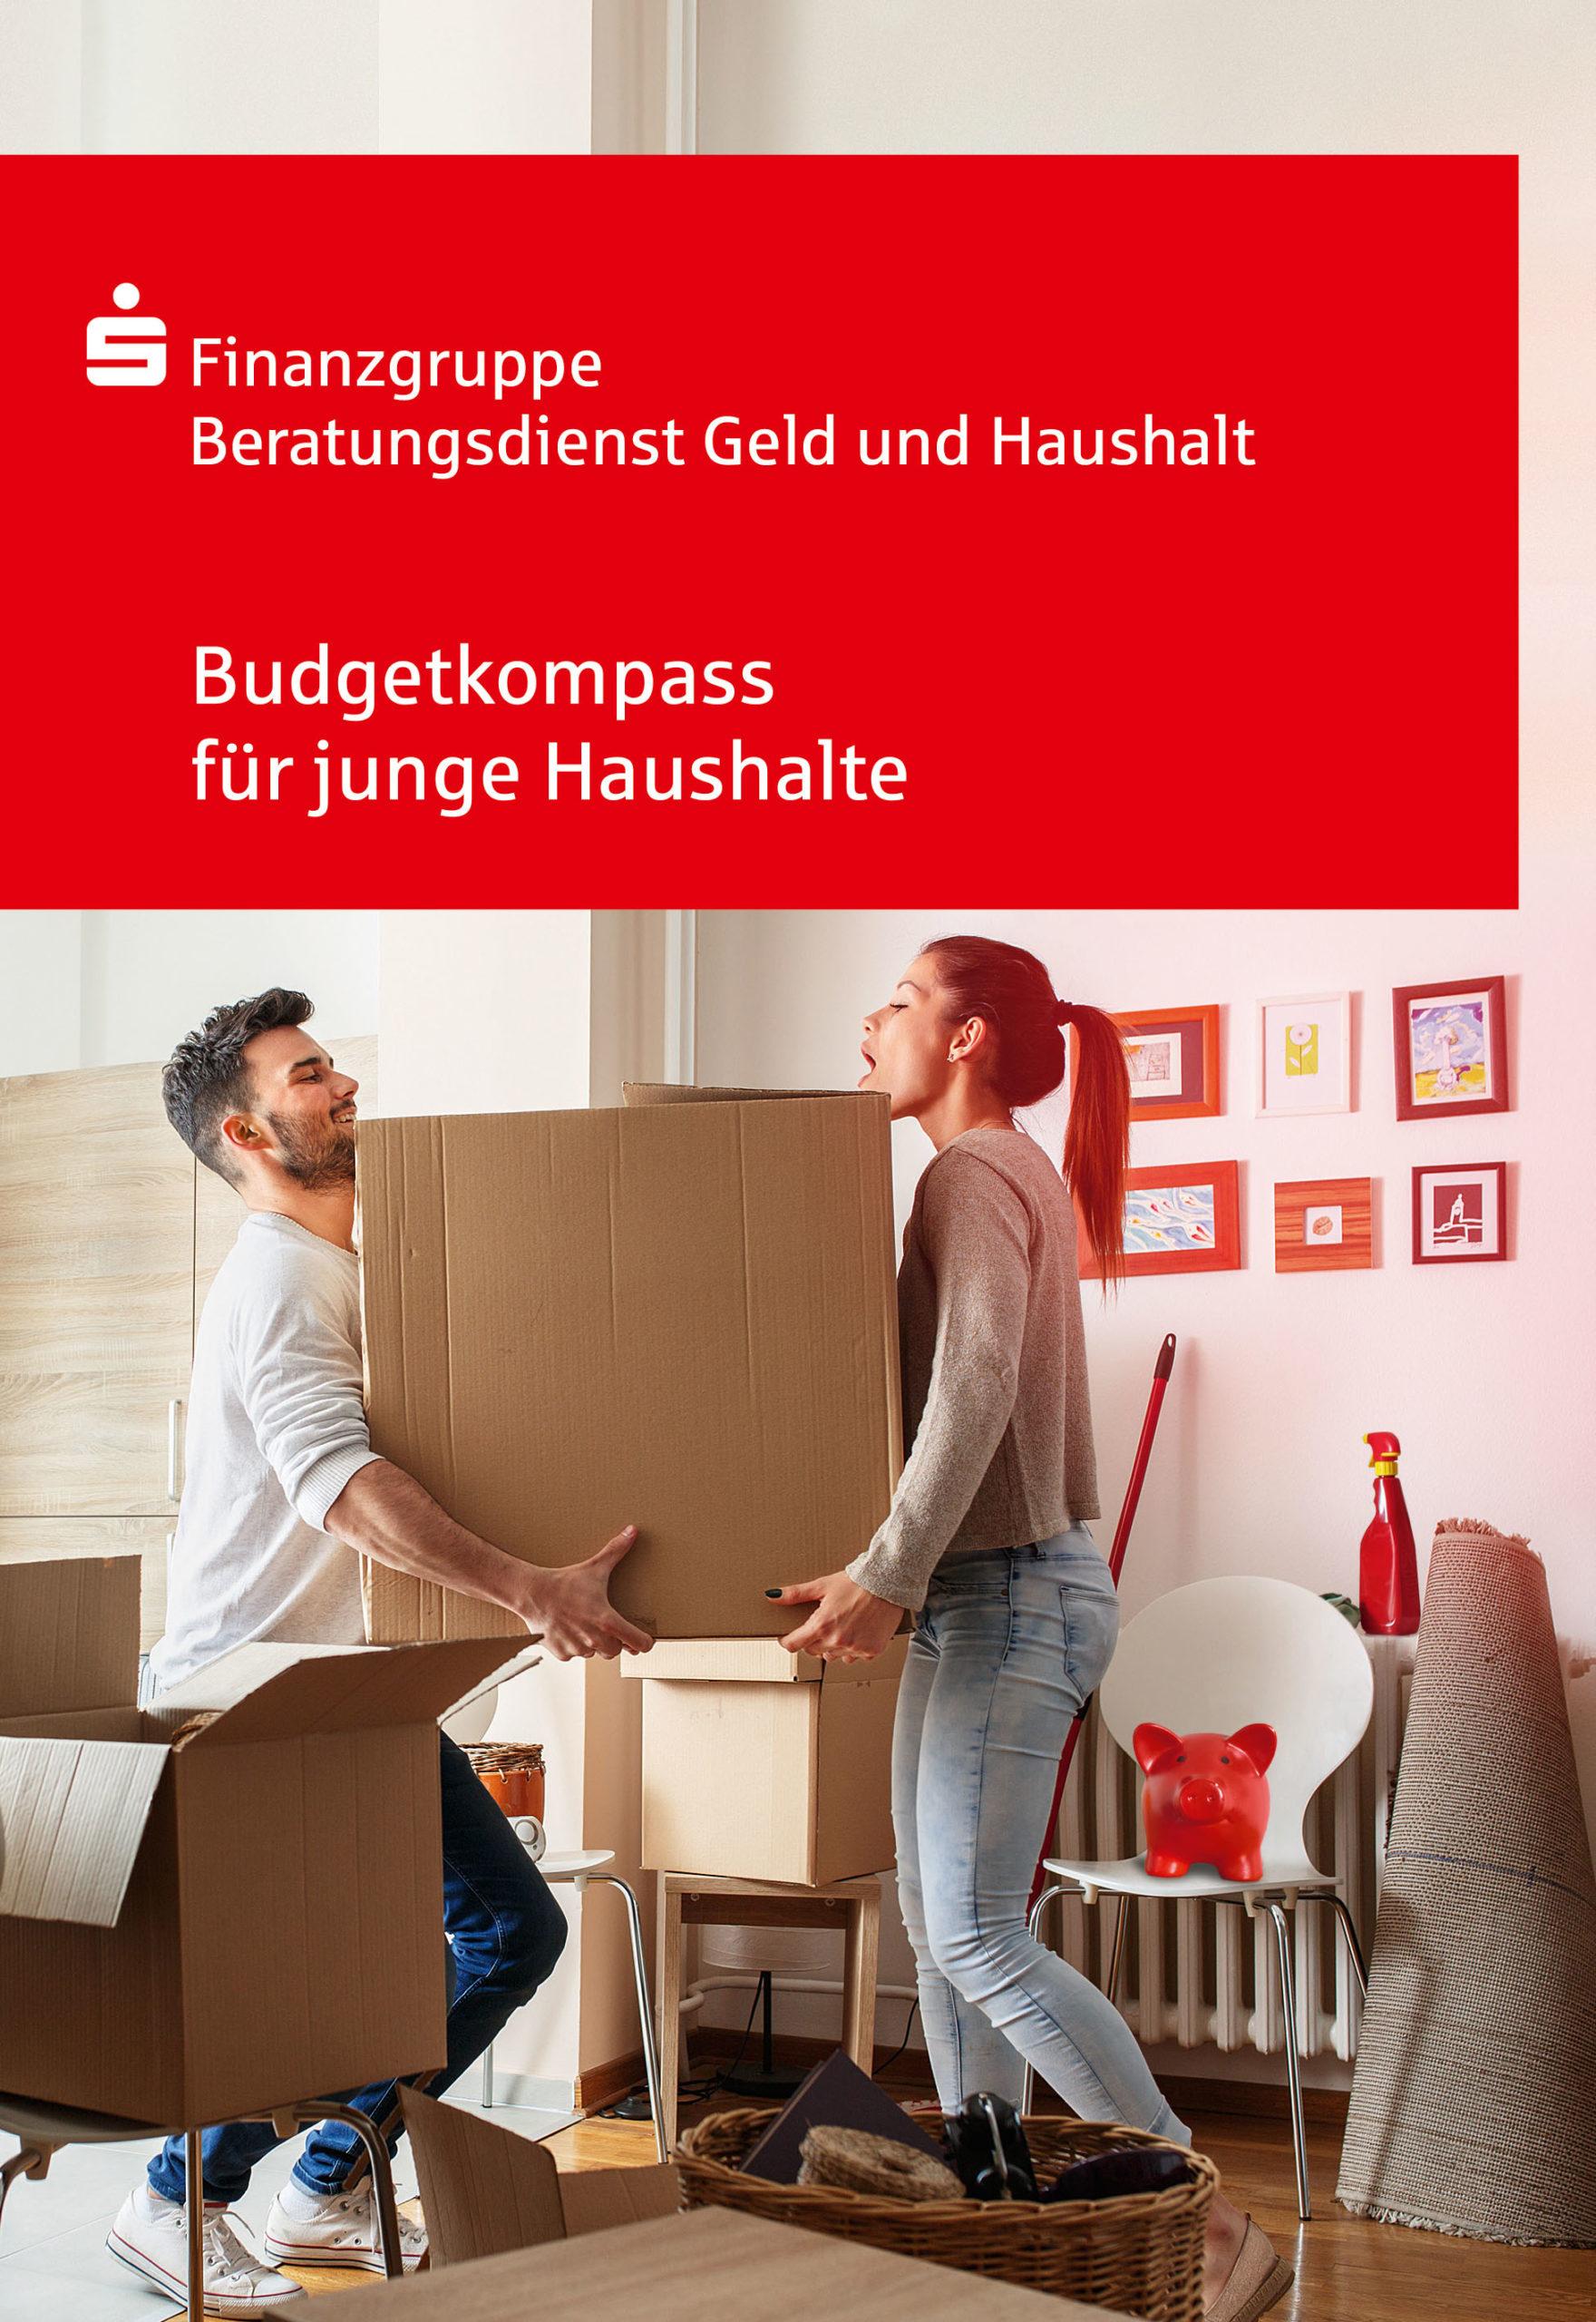 Broschüre zur Wohnungssuche